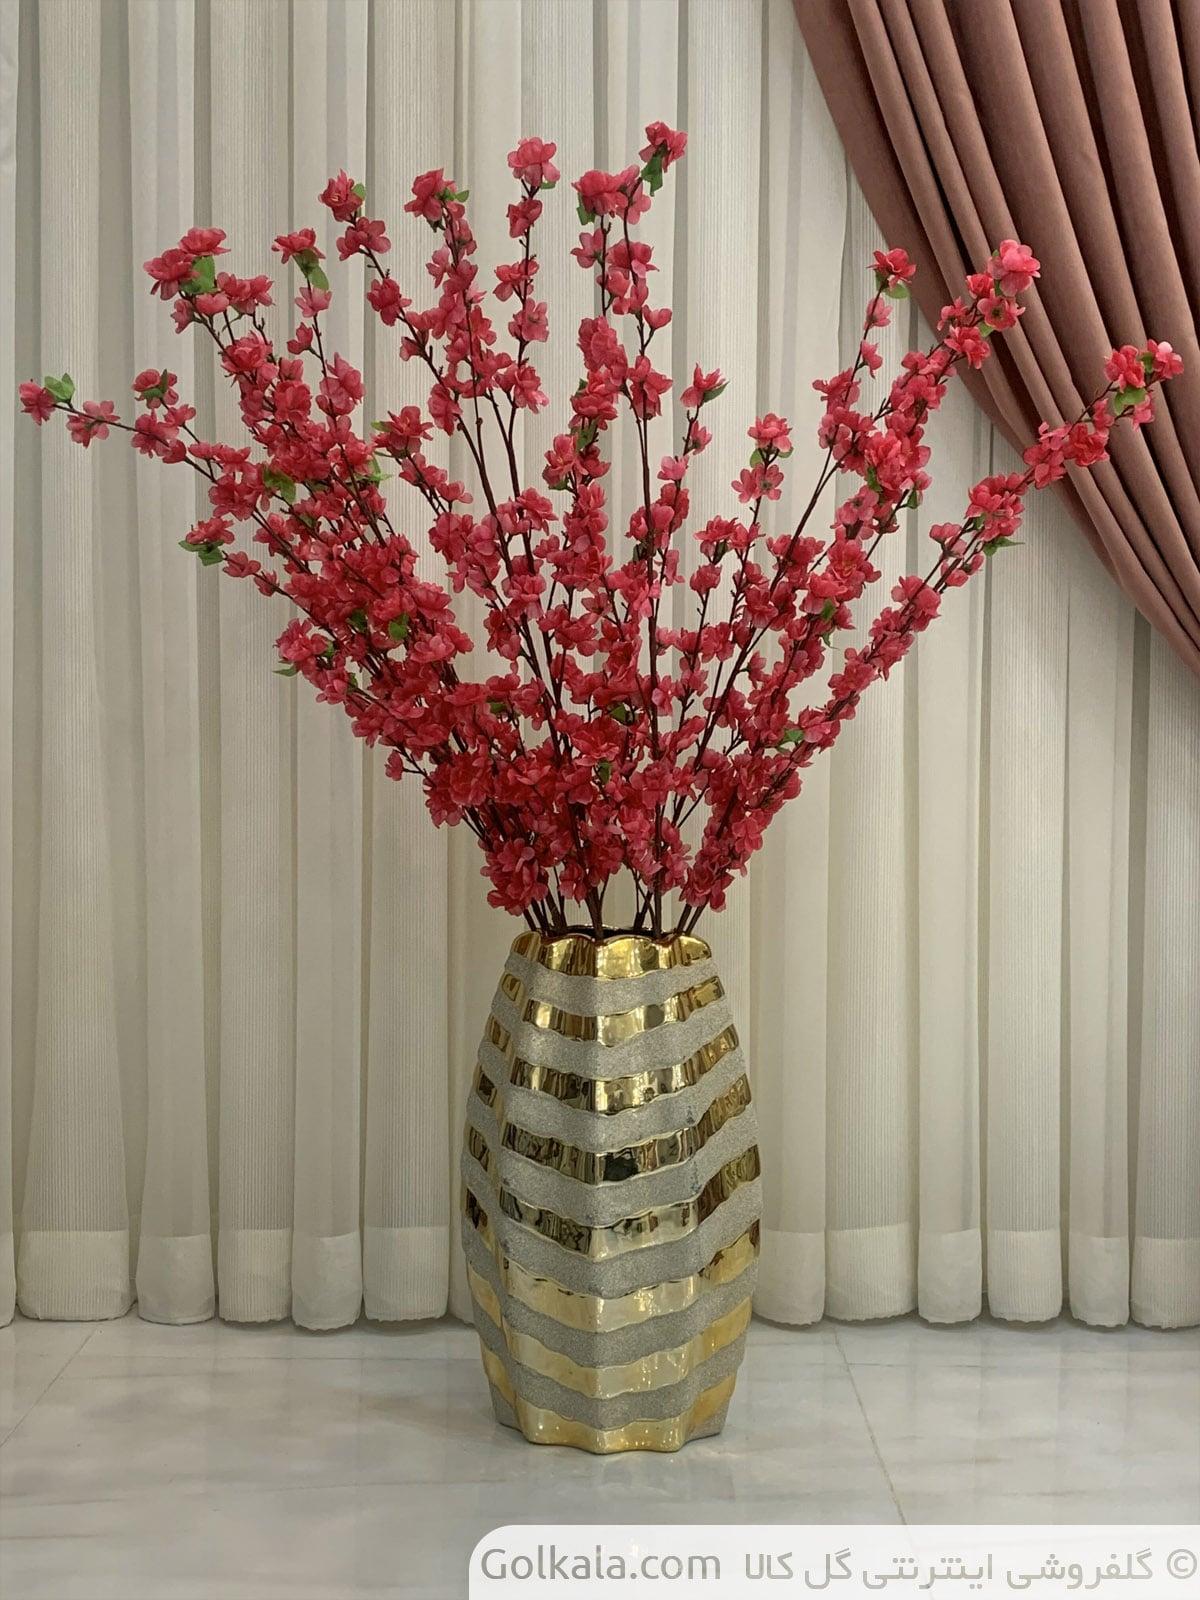 شکوفه قرمز گل کالا